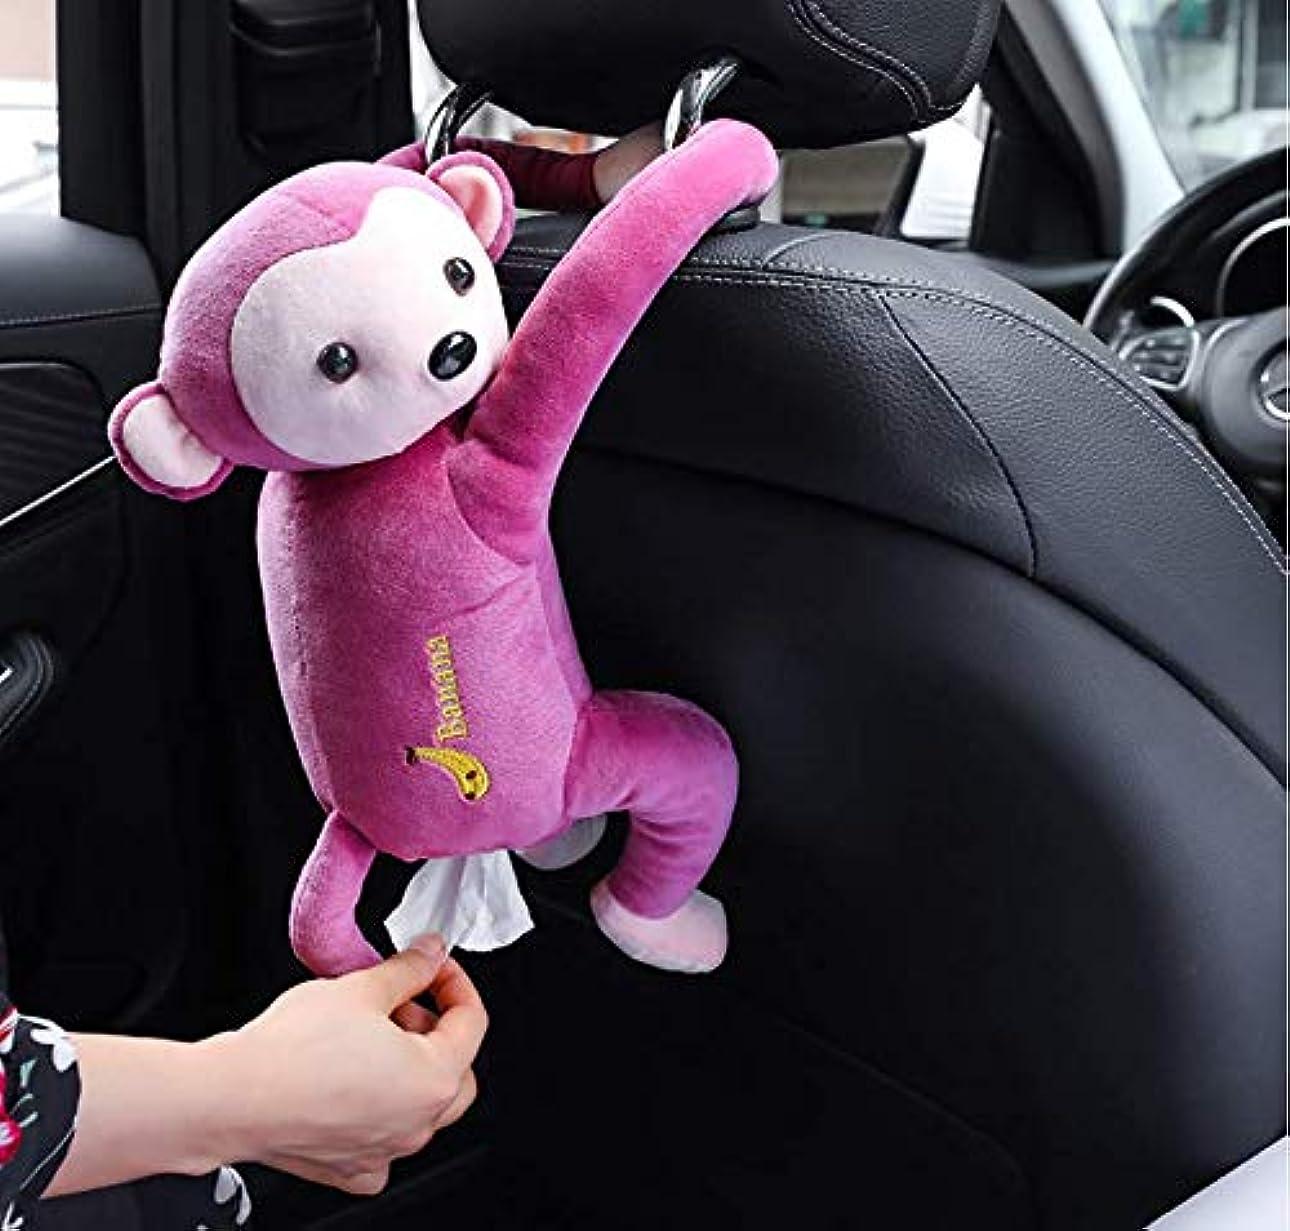 説得力のある押す引き付けるCozyswan さるスタイルティッシュボックス おもしろい 両手にボタンで嵌め込む 車内 掛ける可能 かわいい お尻から引き出す